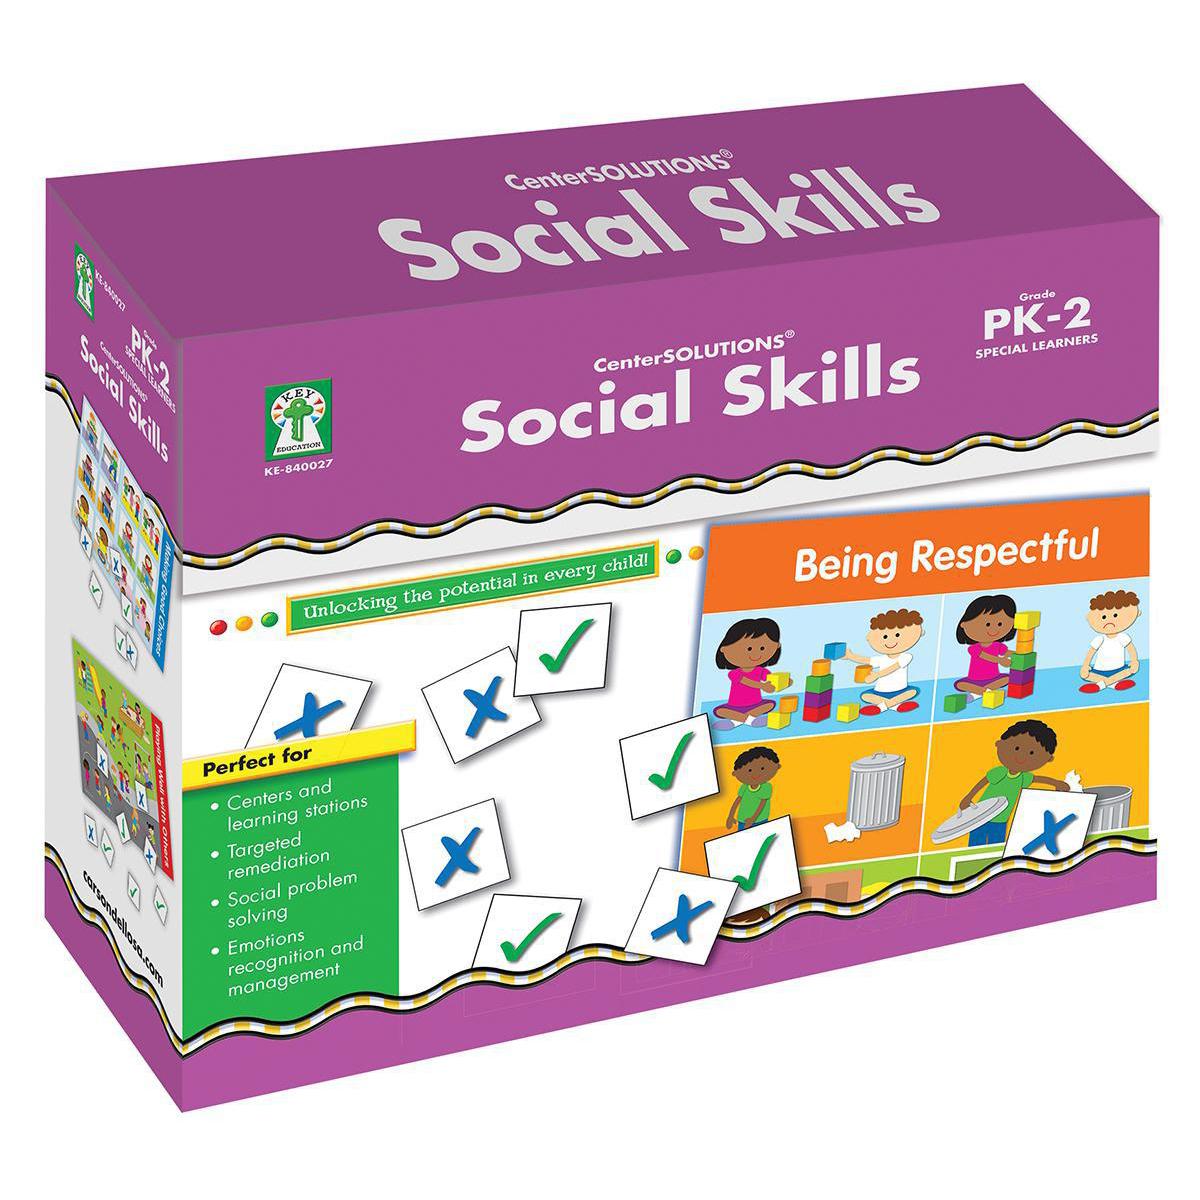 Center Solutions Social Skills